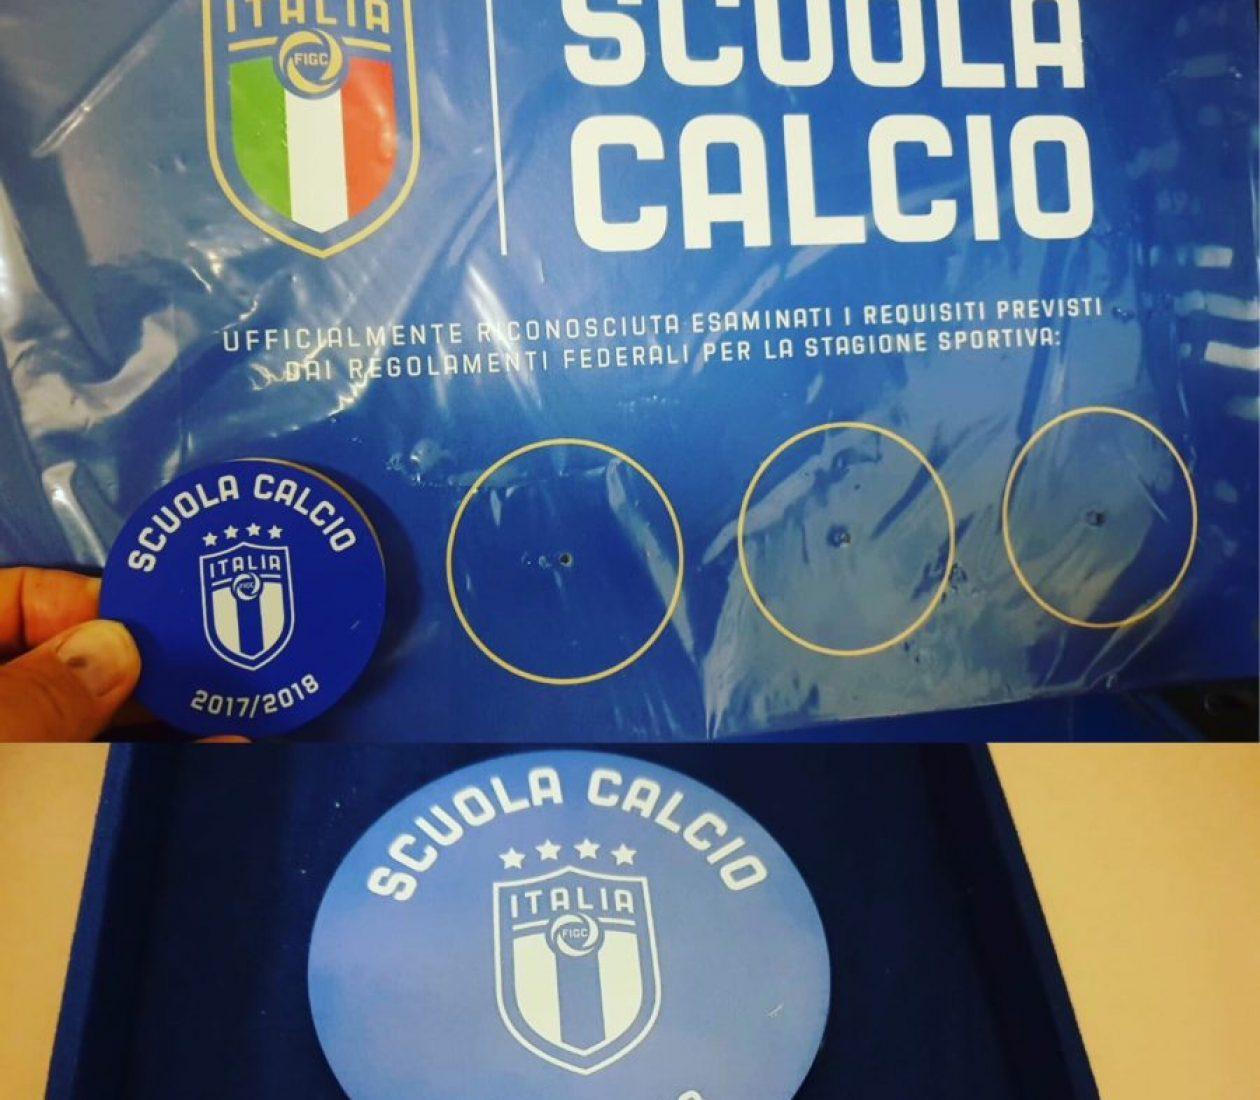 L'AC Macallesi riconosciuta ufficialmente come scuola calcio!